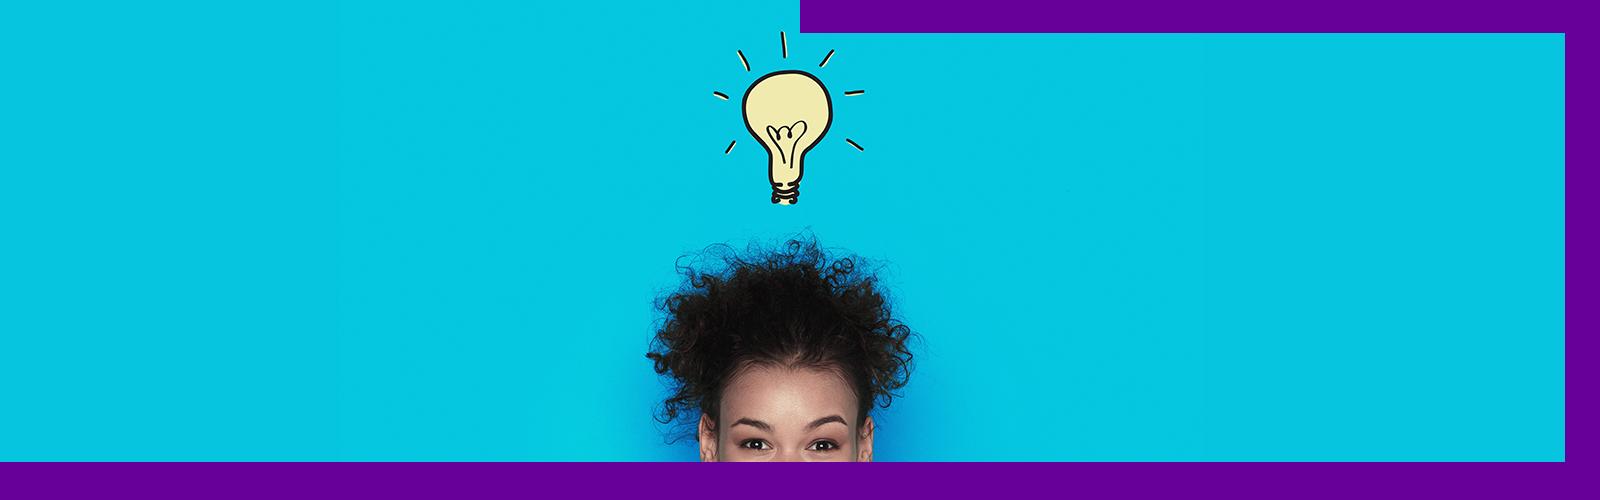 A imagem de fundo azul e borda púrpura mostra metade do rosto de uma mulher de cabelos cacheados e o desenho de uma lâmpada acima da sua cabeça